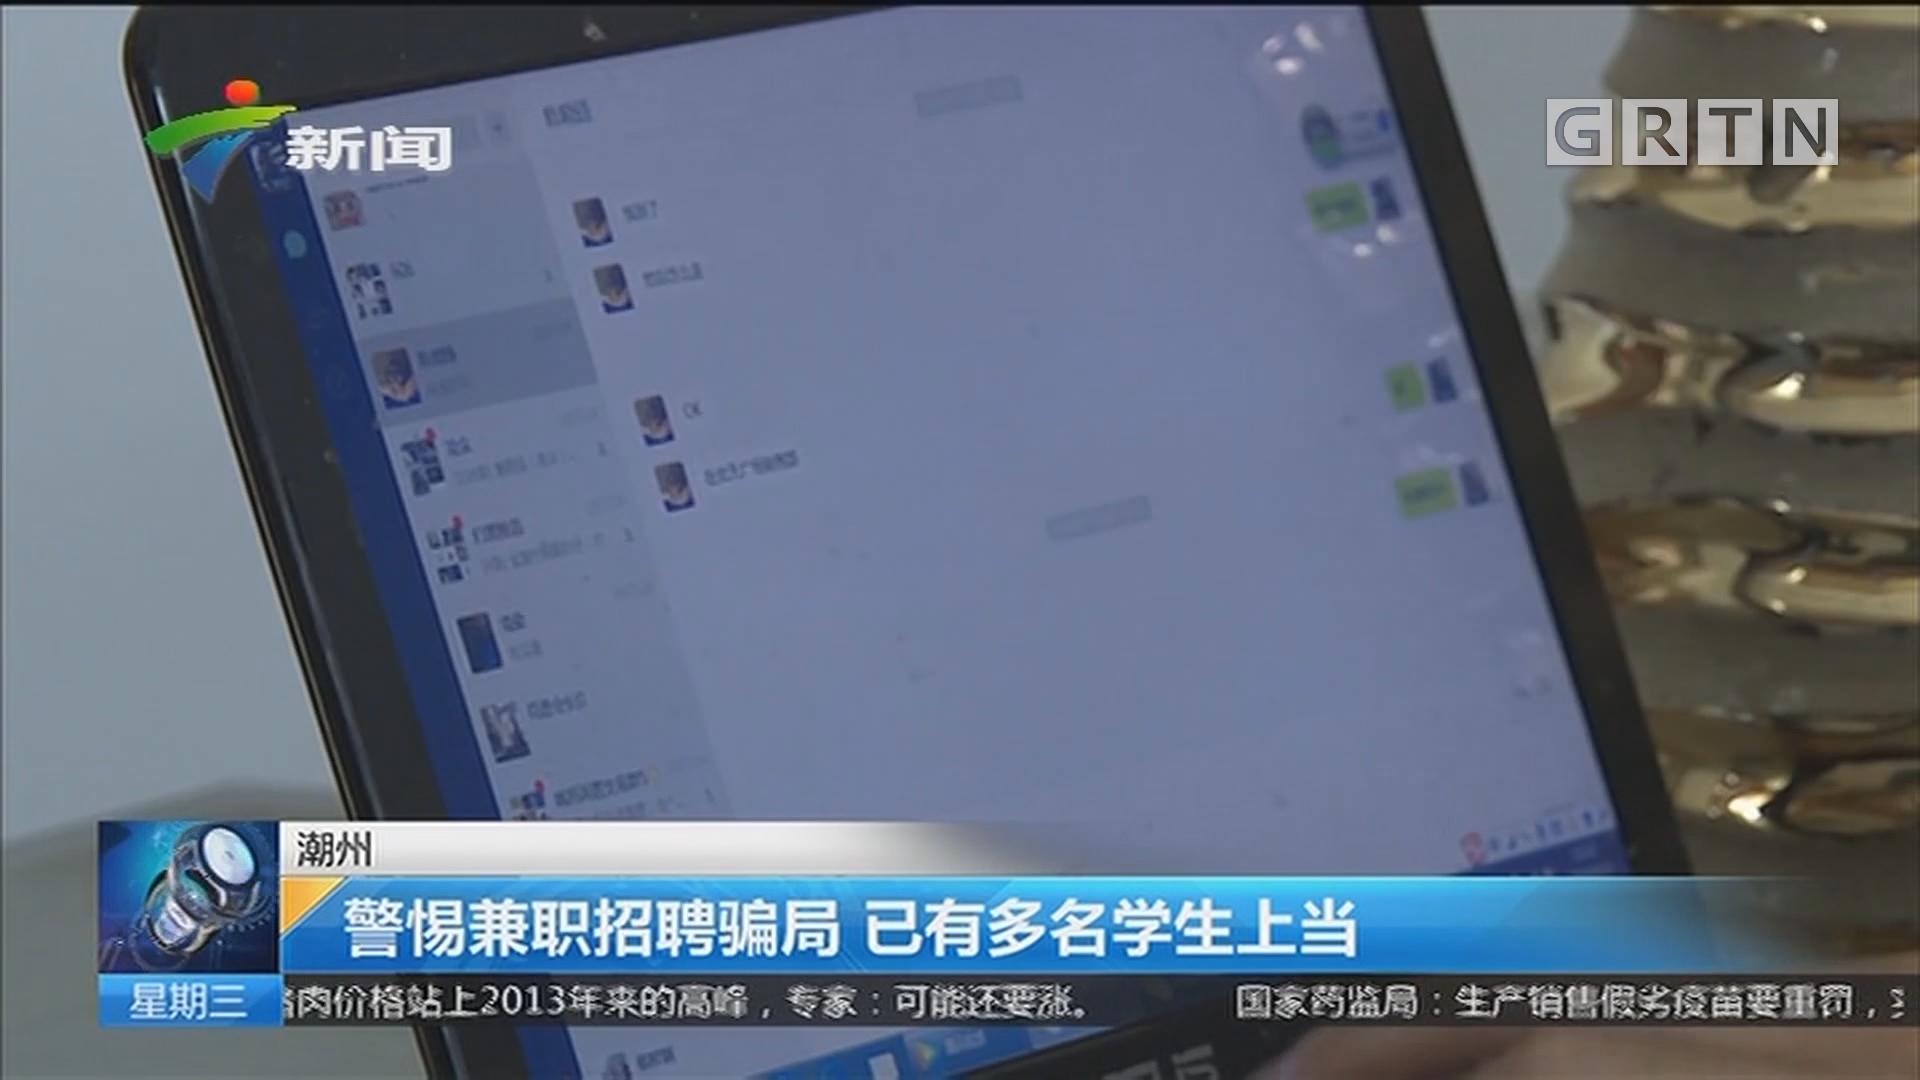 潮州:警惕兼职招聘骗局 已有多名学生上当